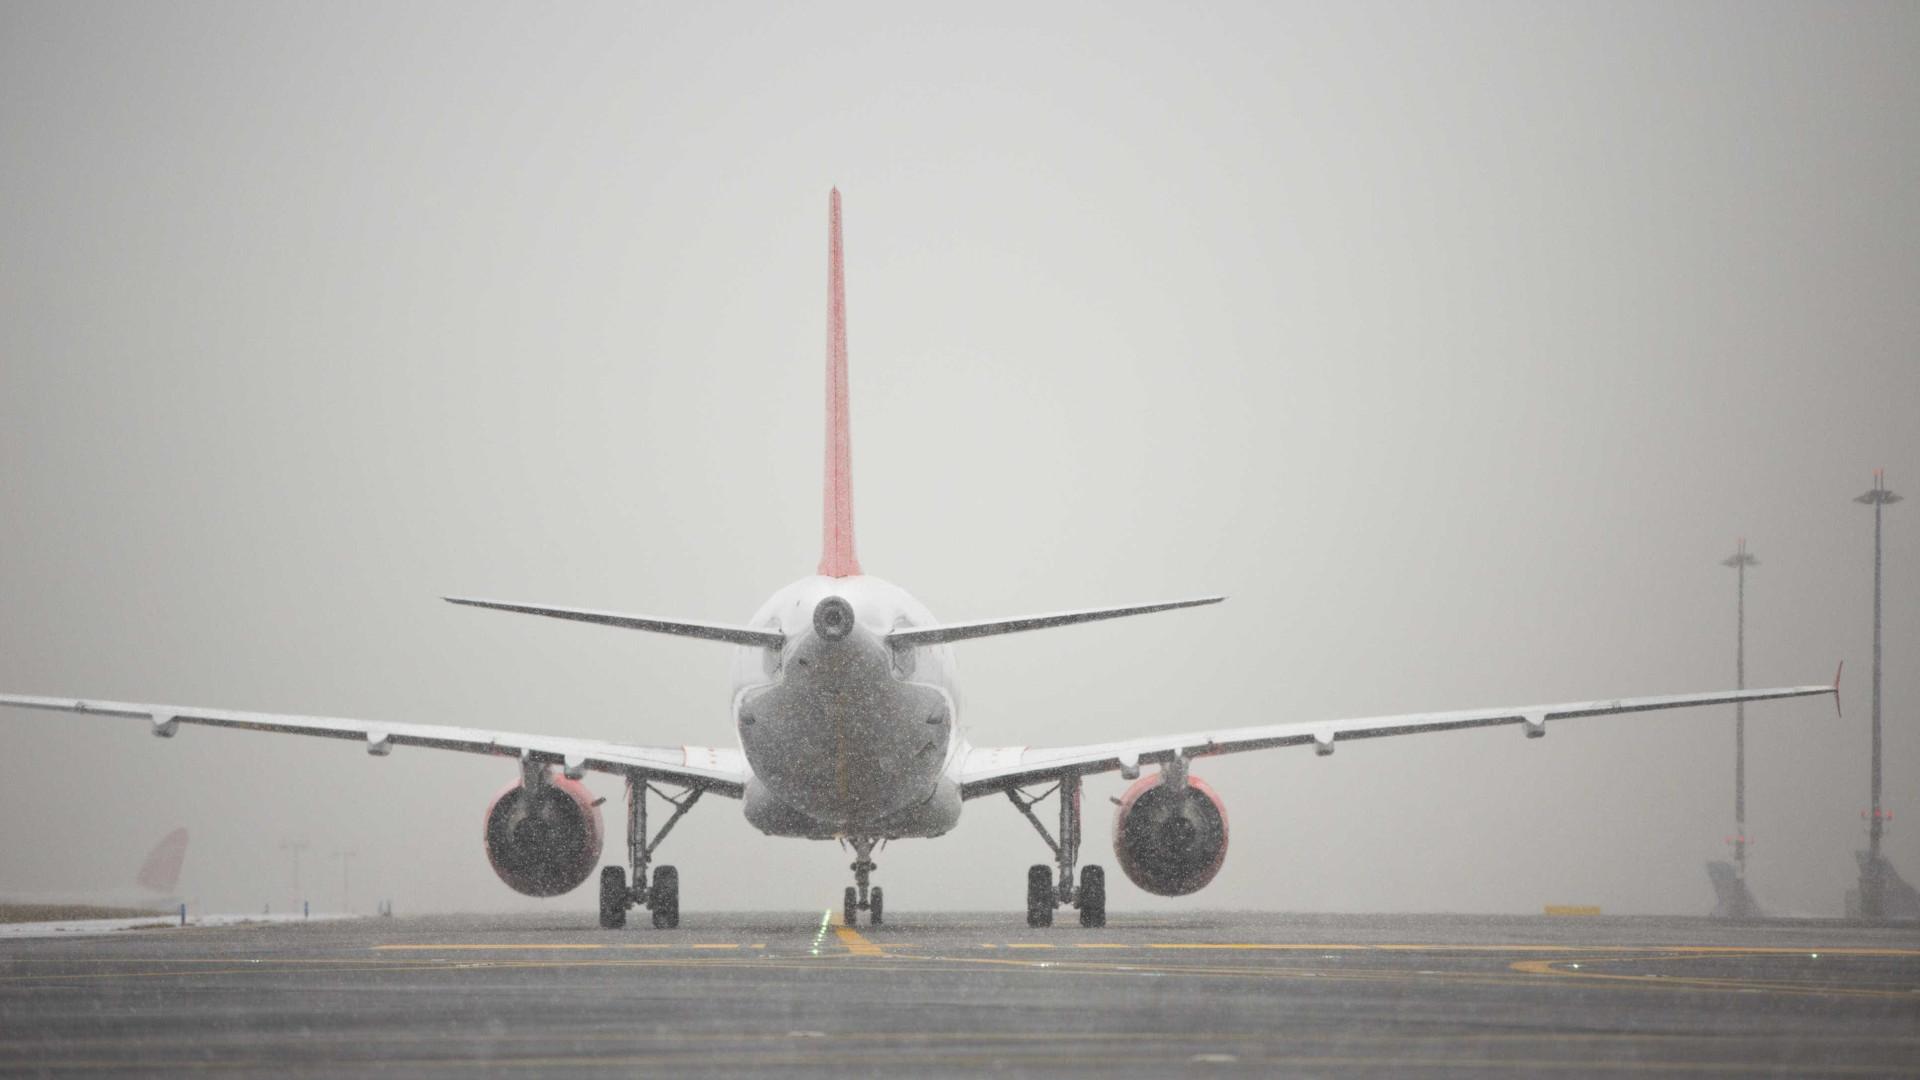 Companhias aéreas devem indemnizar por greves, diz Tribunal Europeu